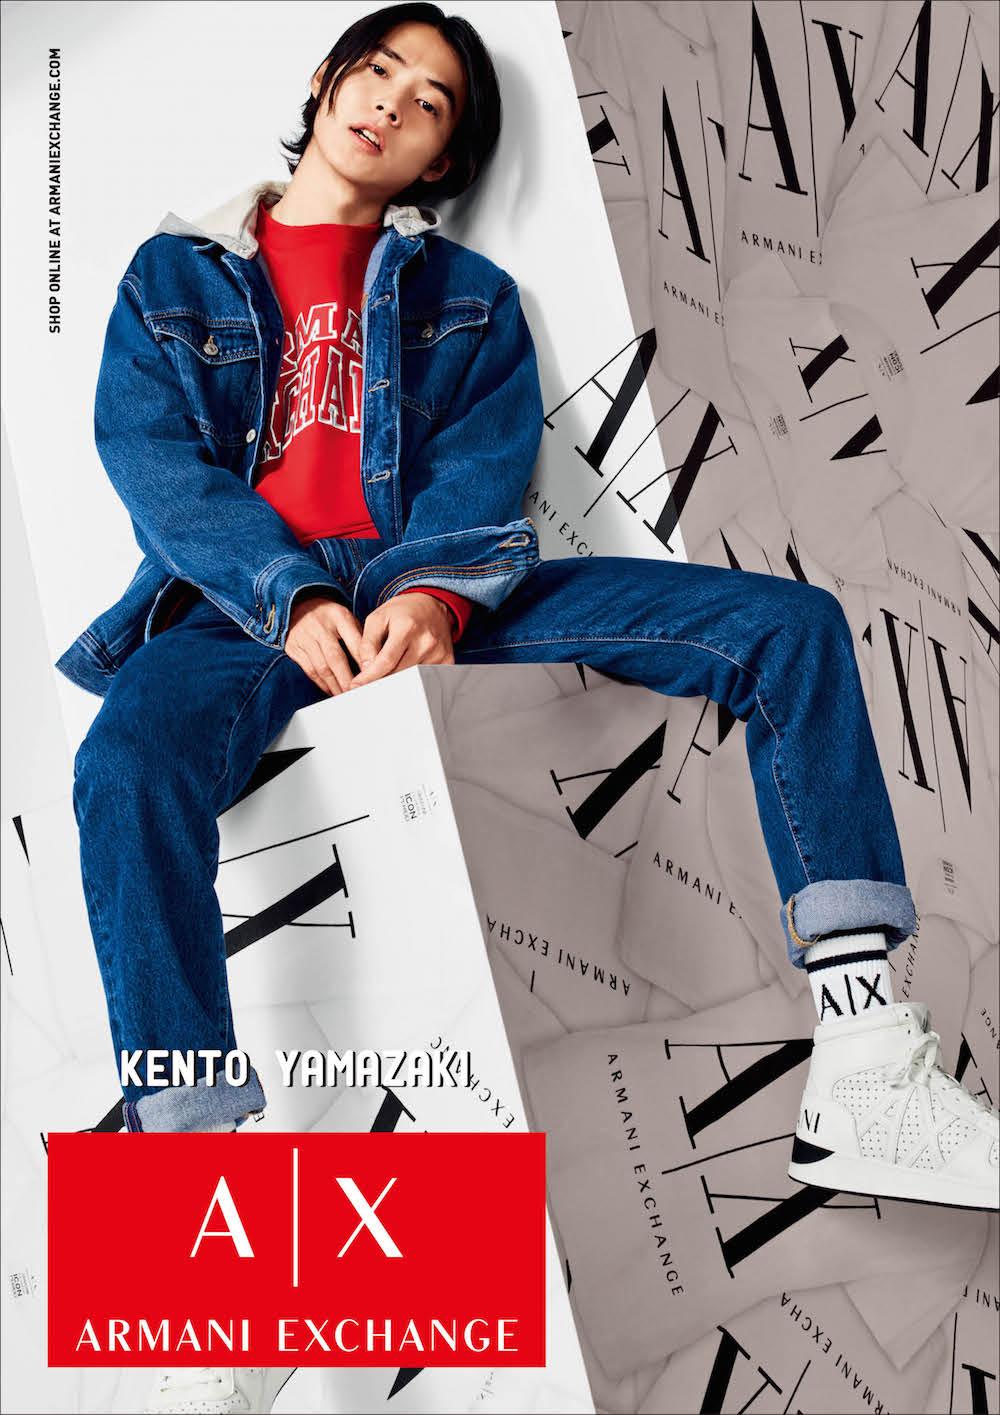 【速報】山﨑賢人さんが『アルマーニ エクスチェンジ』の広告モデルに!キャンペーンビジュアル全部見せます♡_3